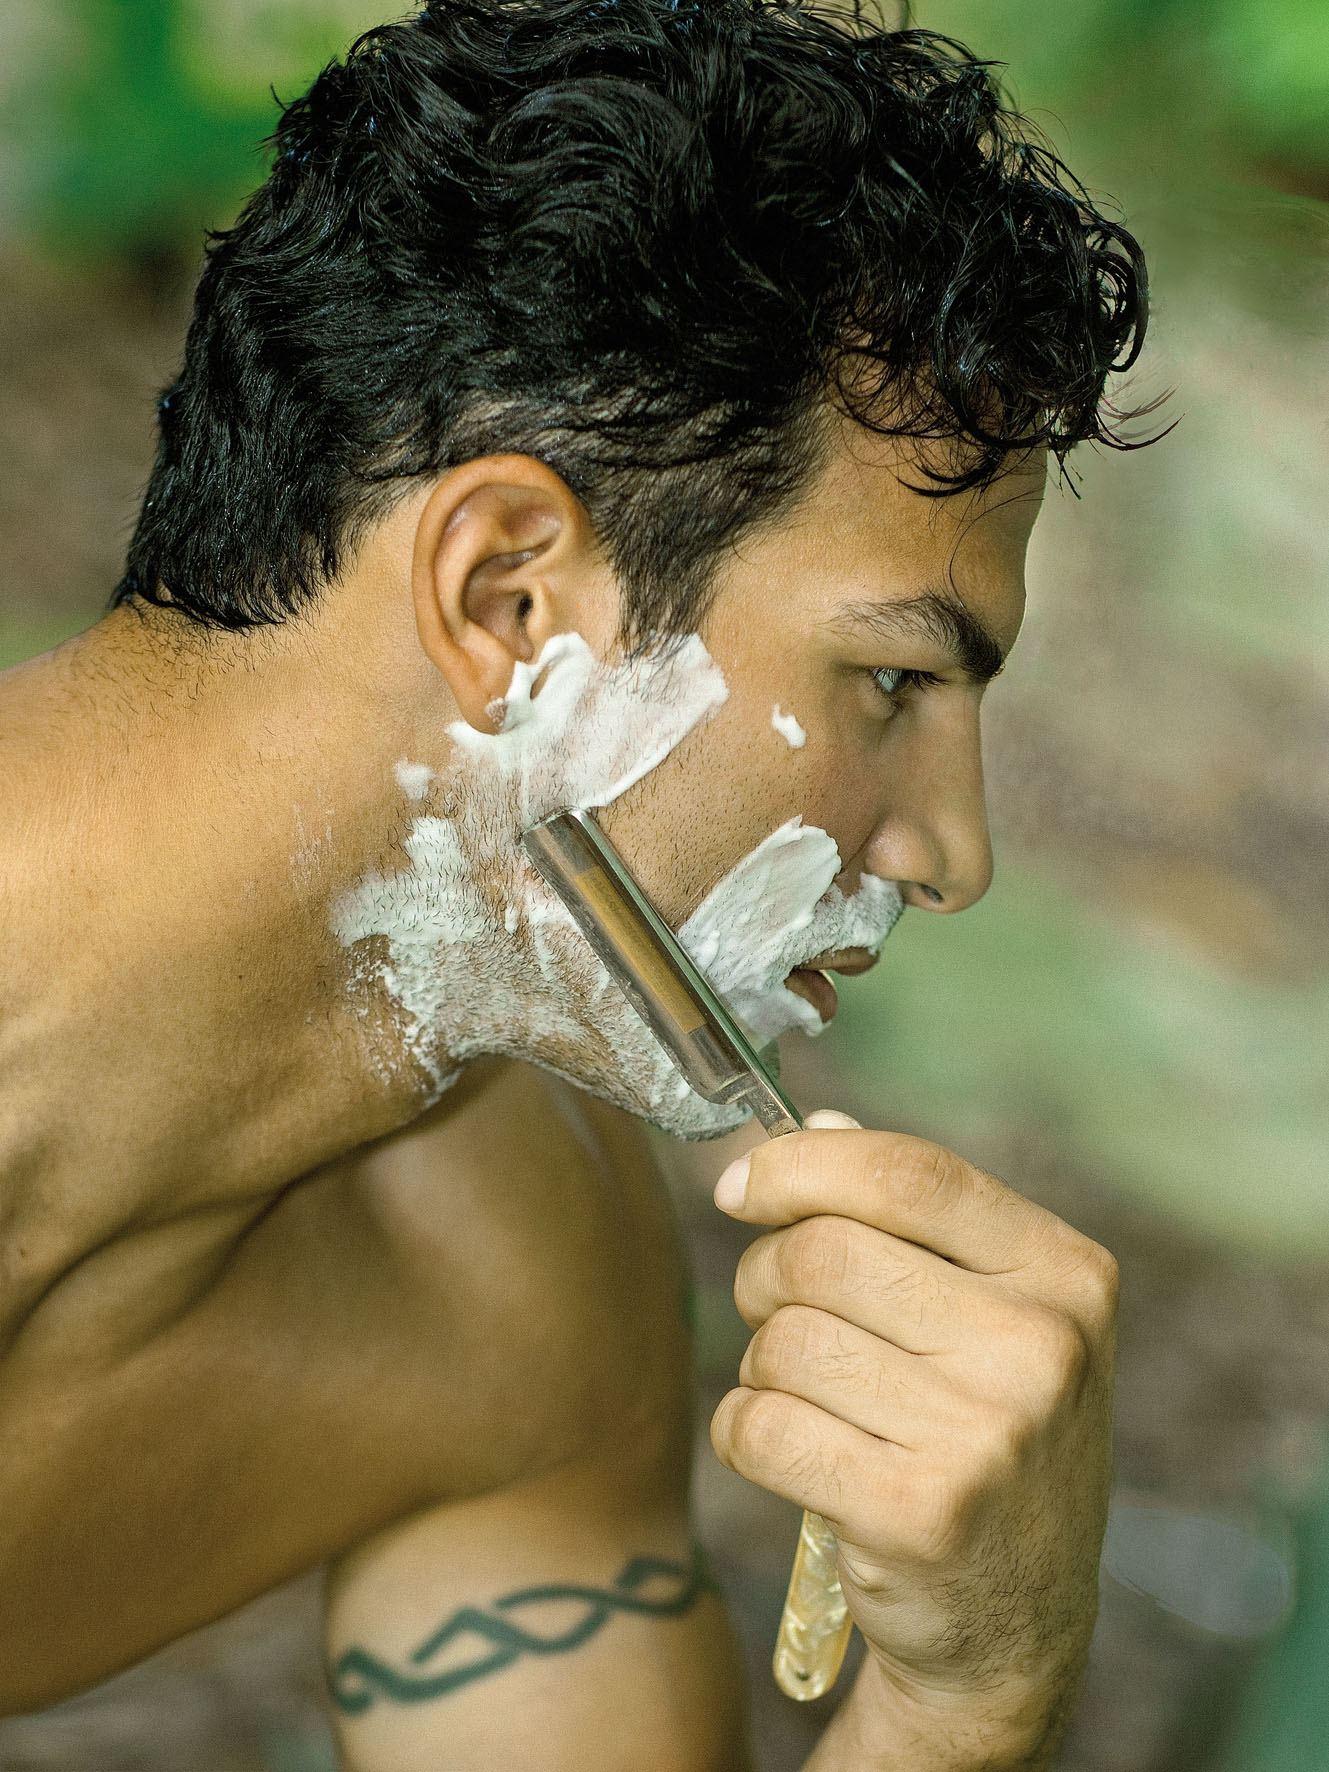 Man at his daily shaving ritual